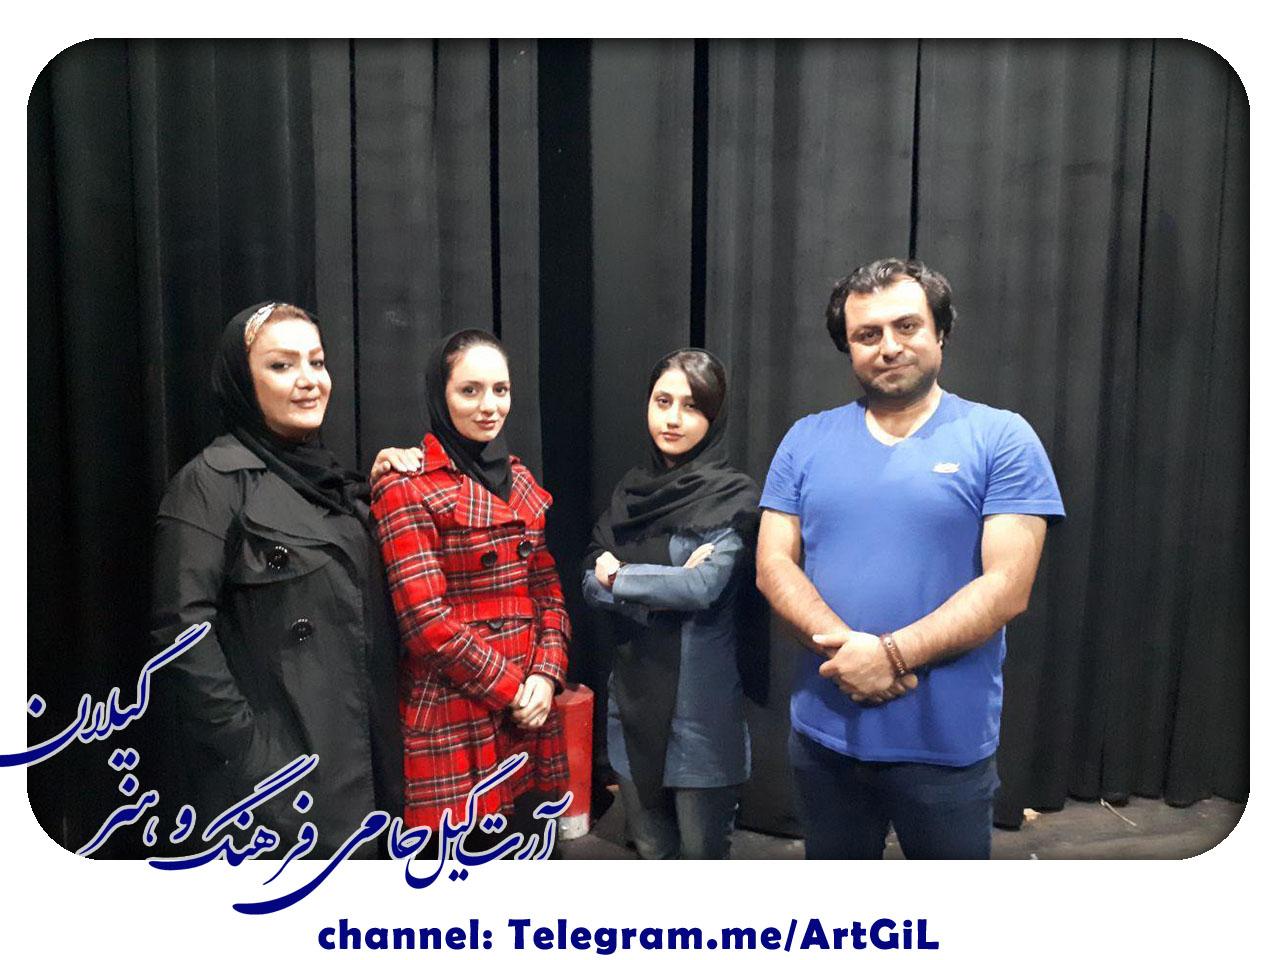 دو نمایش از گروه تئاتر مارلیک برای حضور در جشنواره ملی تئاتر خیابانی چتر زندگی _ یزد ، بعنوان تنها نمایندگان استان گیلان انتخاب شدند .